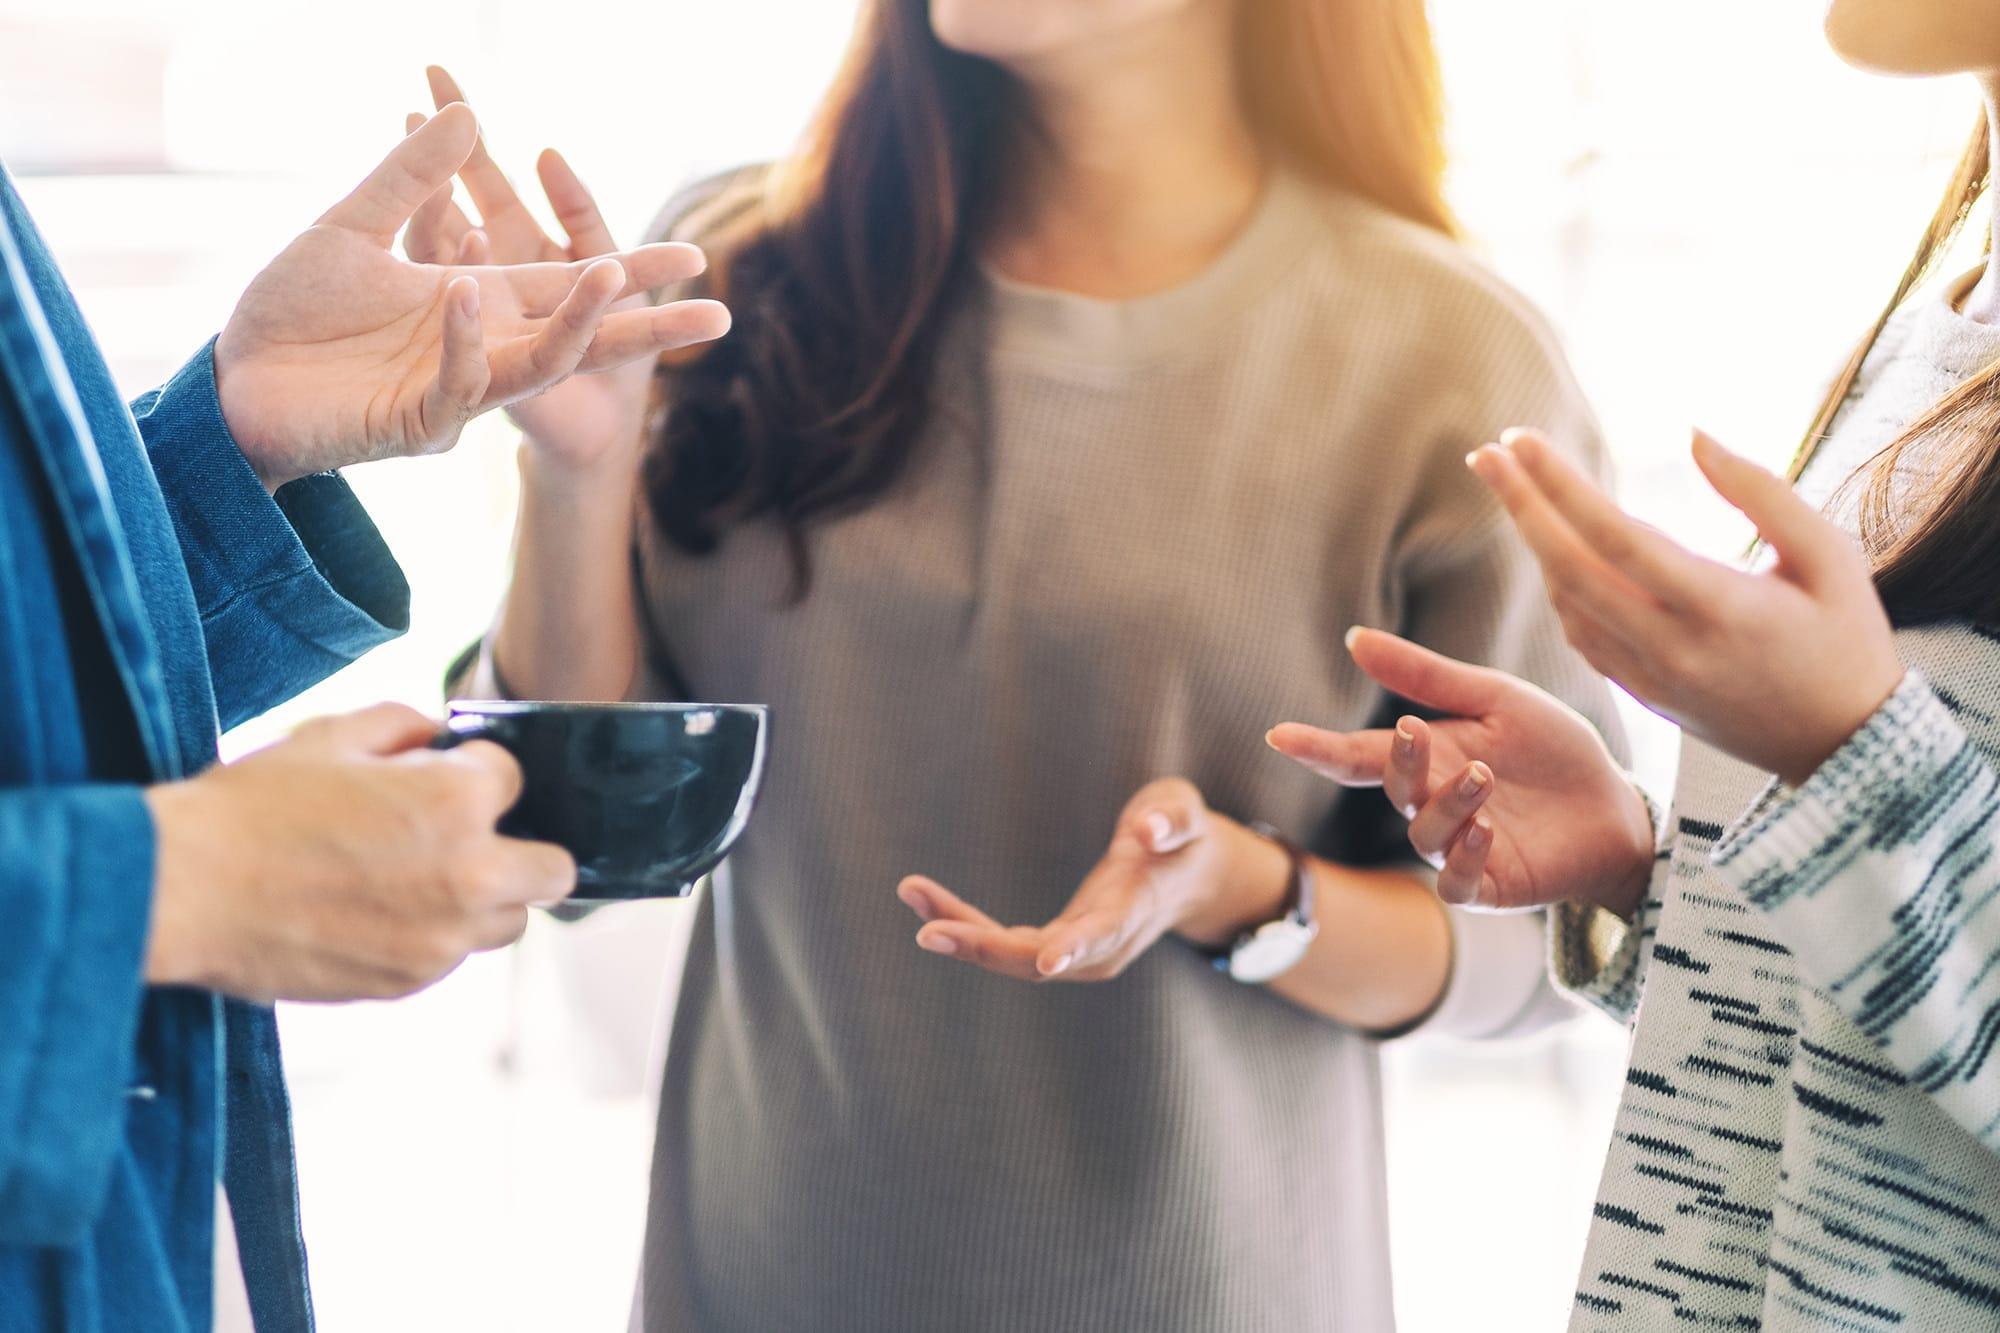 語学学校似通うと、どれくらいで英語が話せるようになる?